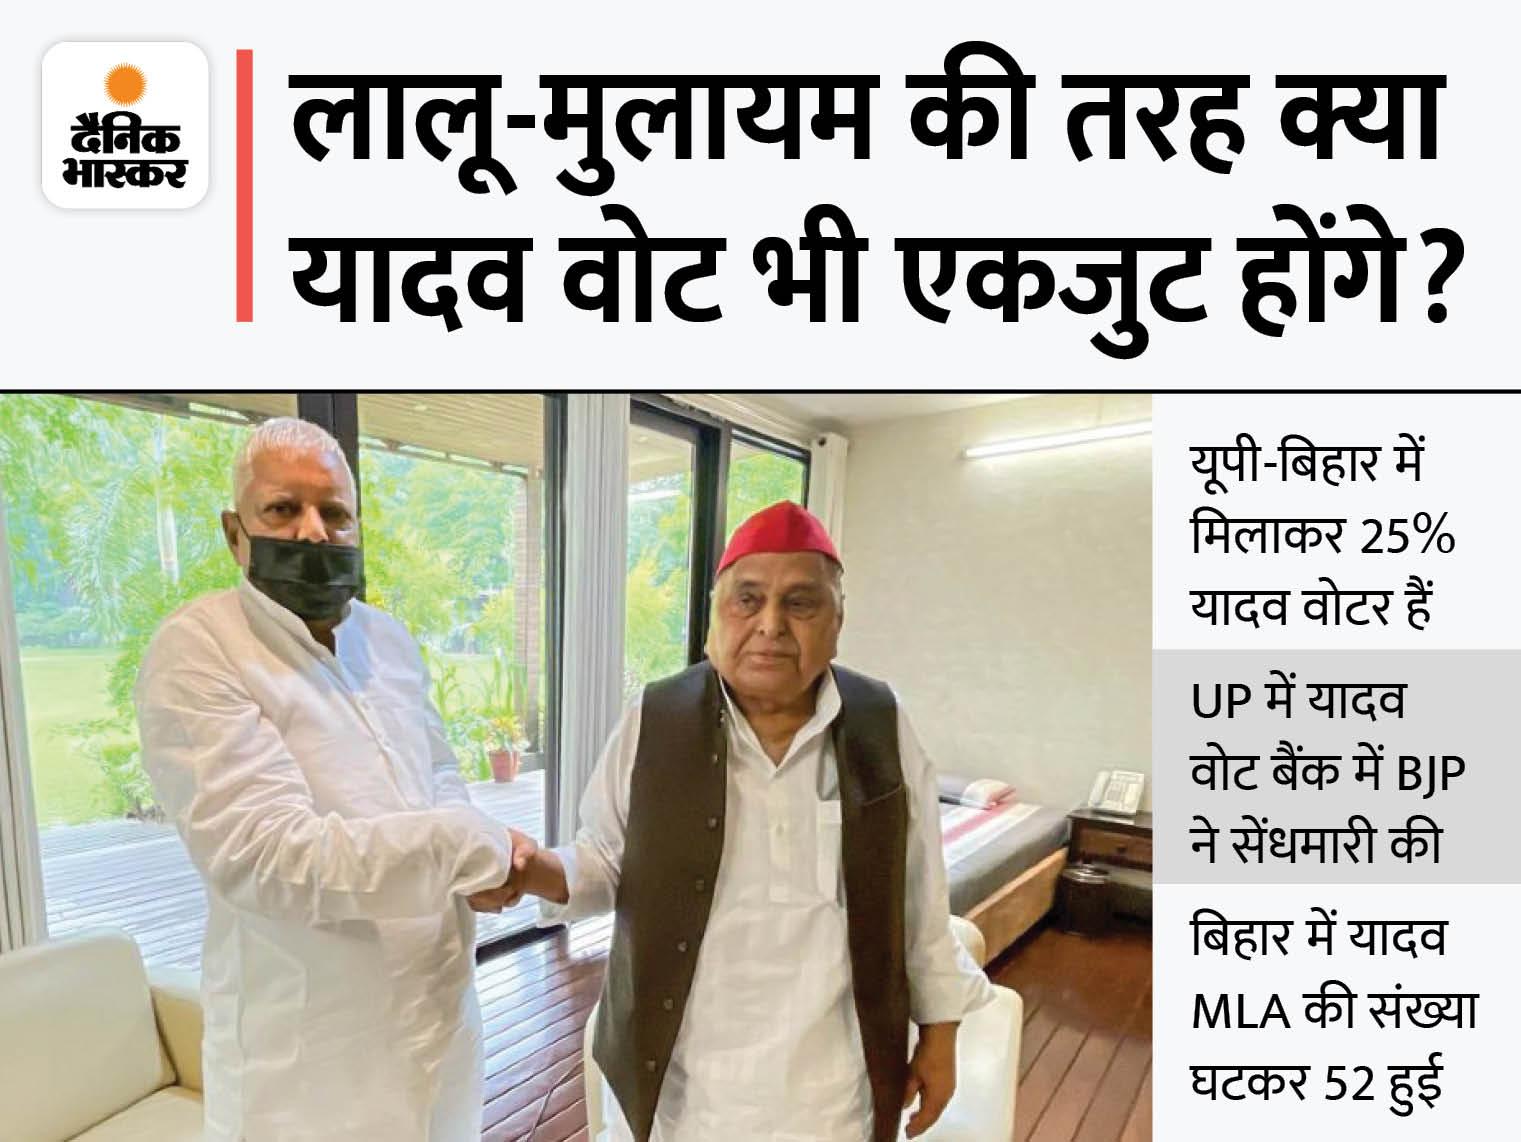 महज चाय पीने के लिए नहीं मिले दो दिग्गज नेता, यूपी चुनाव से पहले एकता दिखाकर यादव वोट को बिखरने से रोकने की कोशिश|देश,National - Dainik Bhaskar